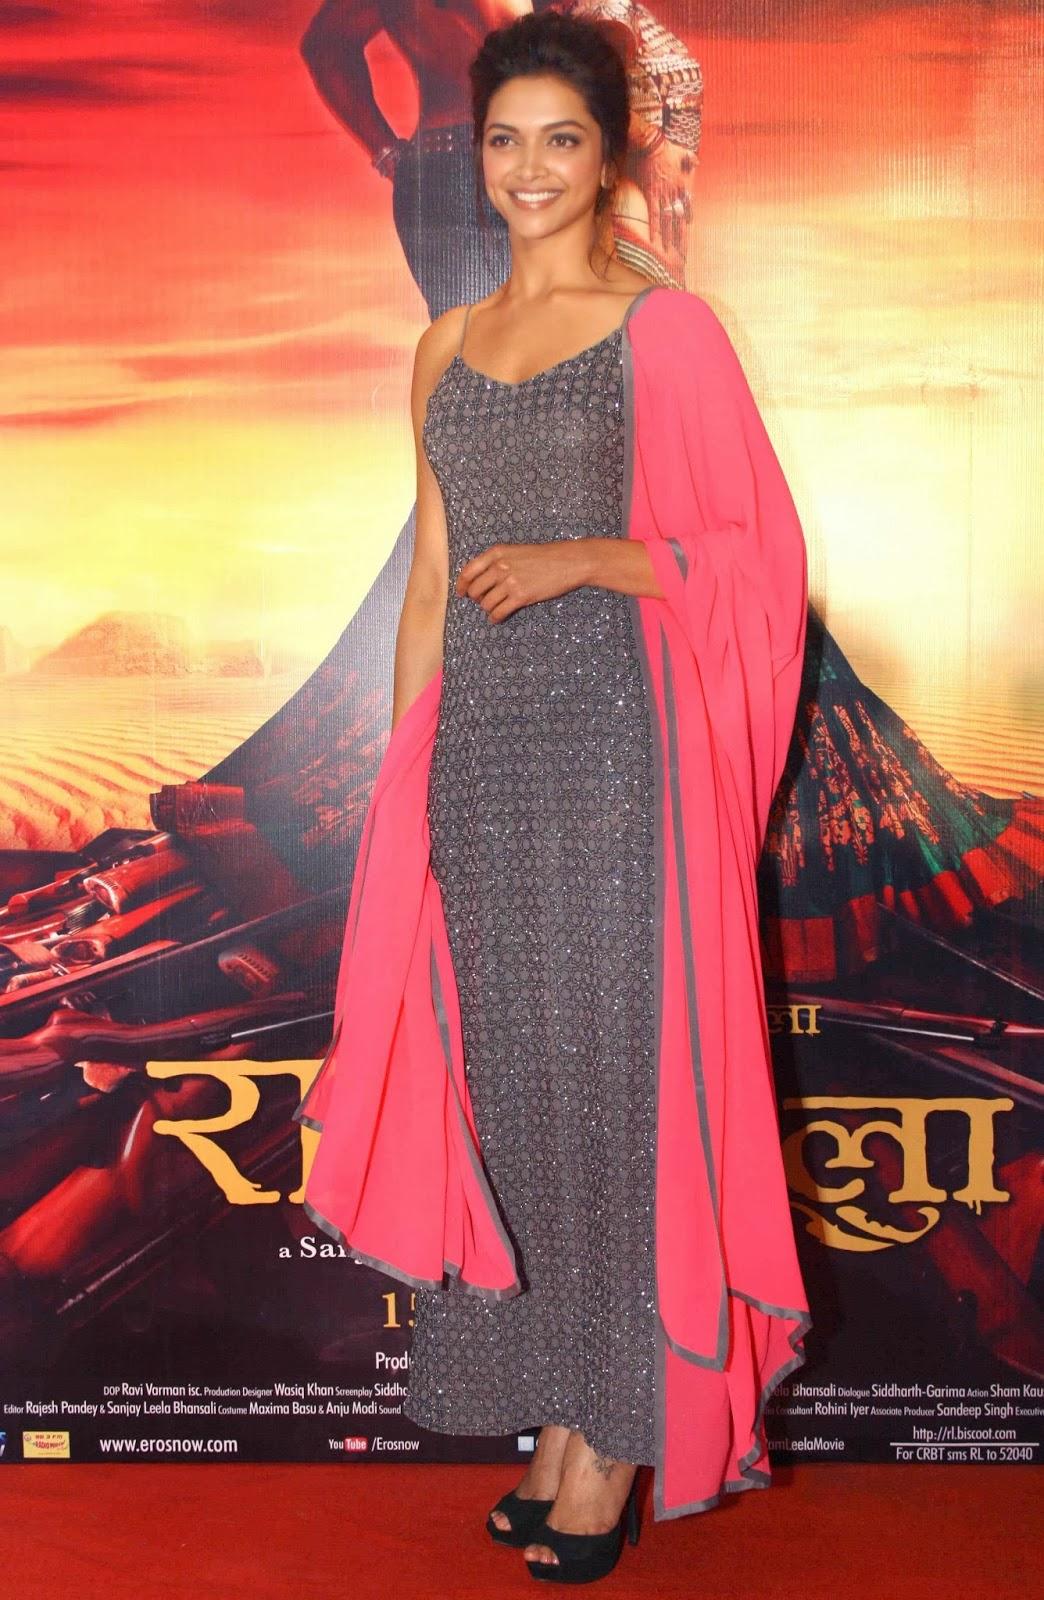 STARFRIDAY : The beautiful actress Deepika Padukone has a ...